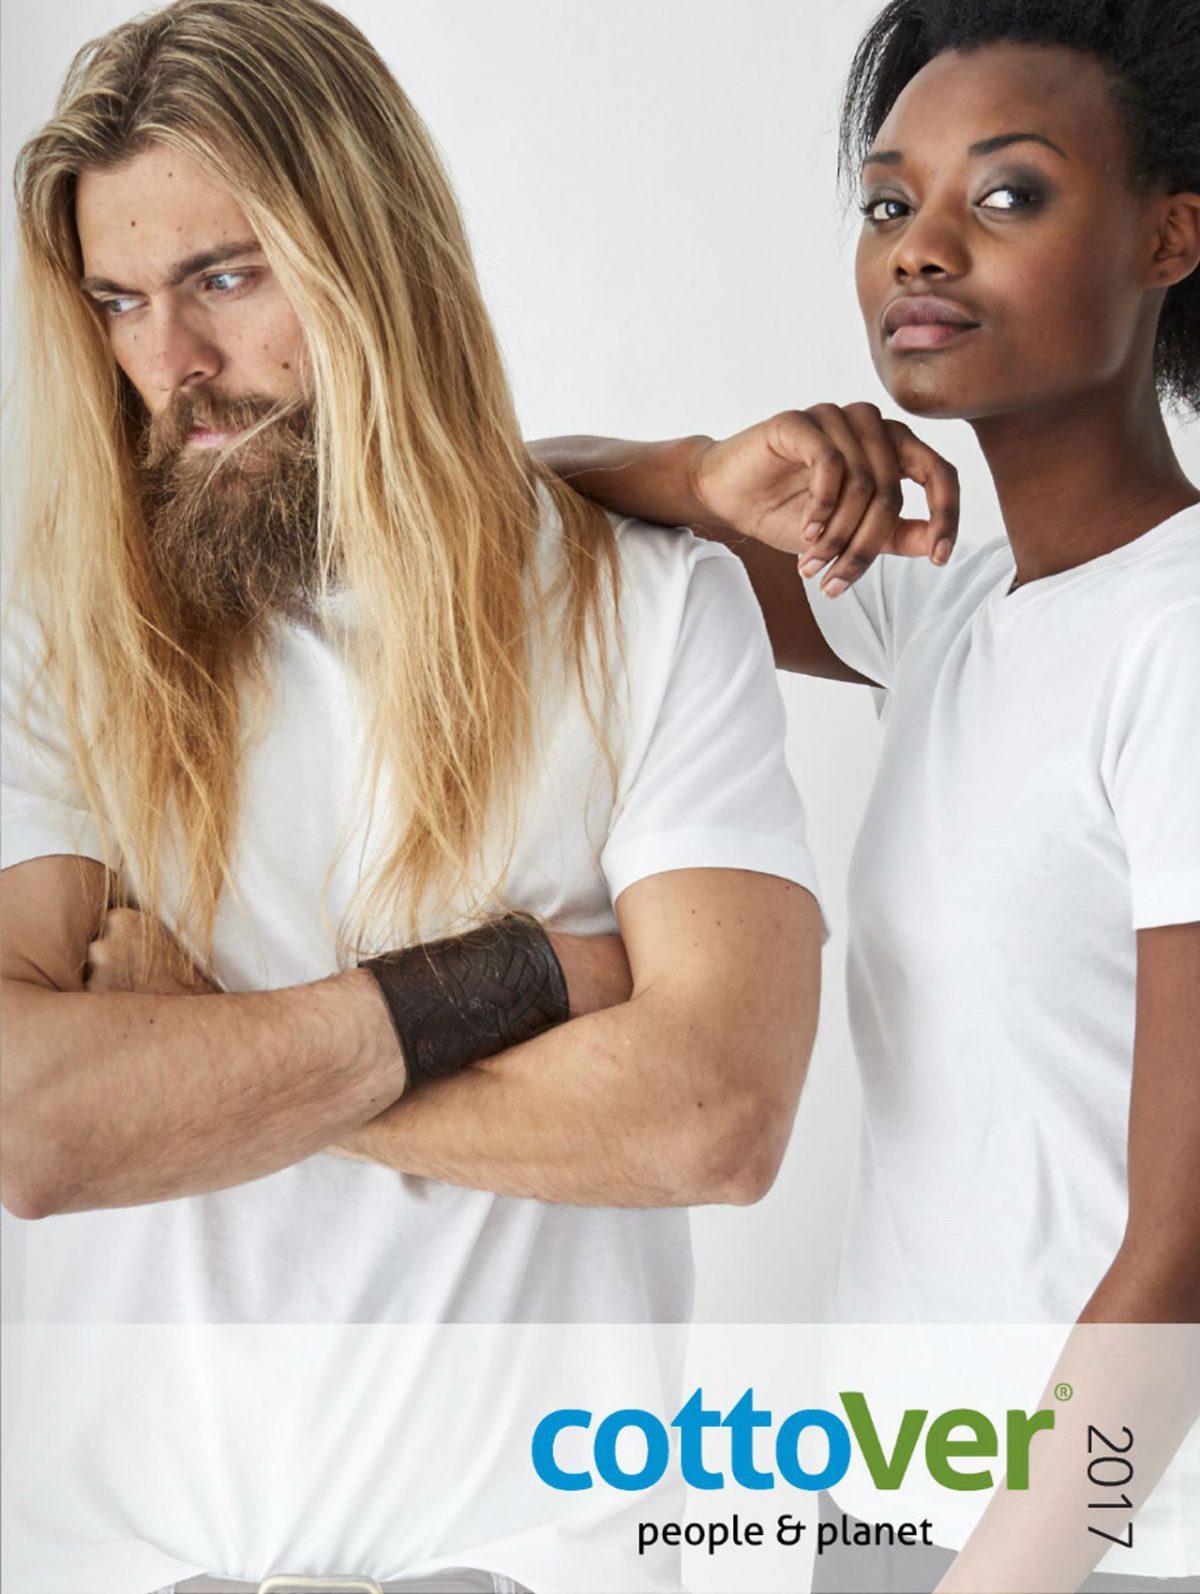 mann og kvinne i hvite t-skjorter